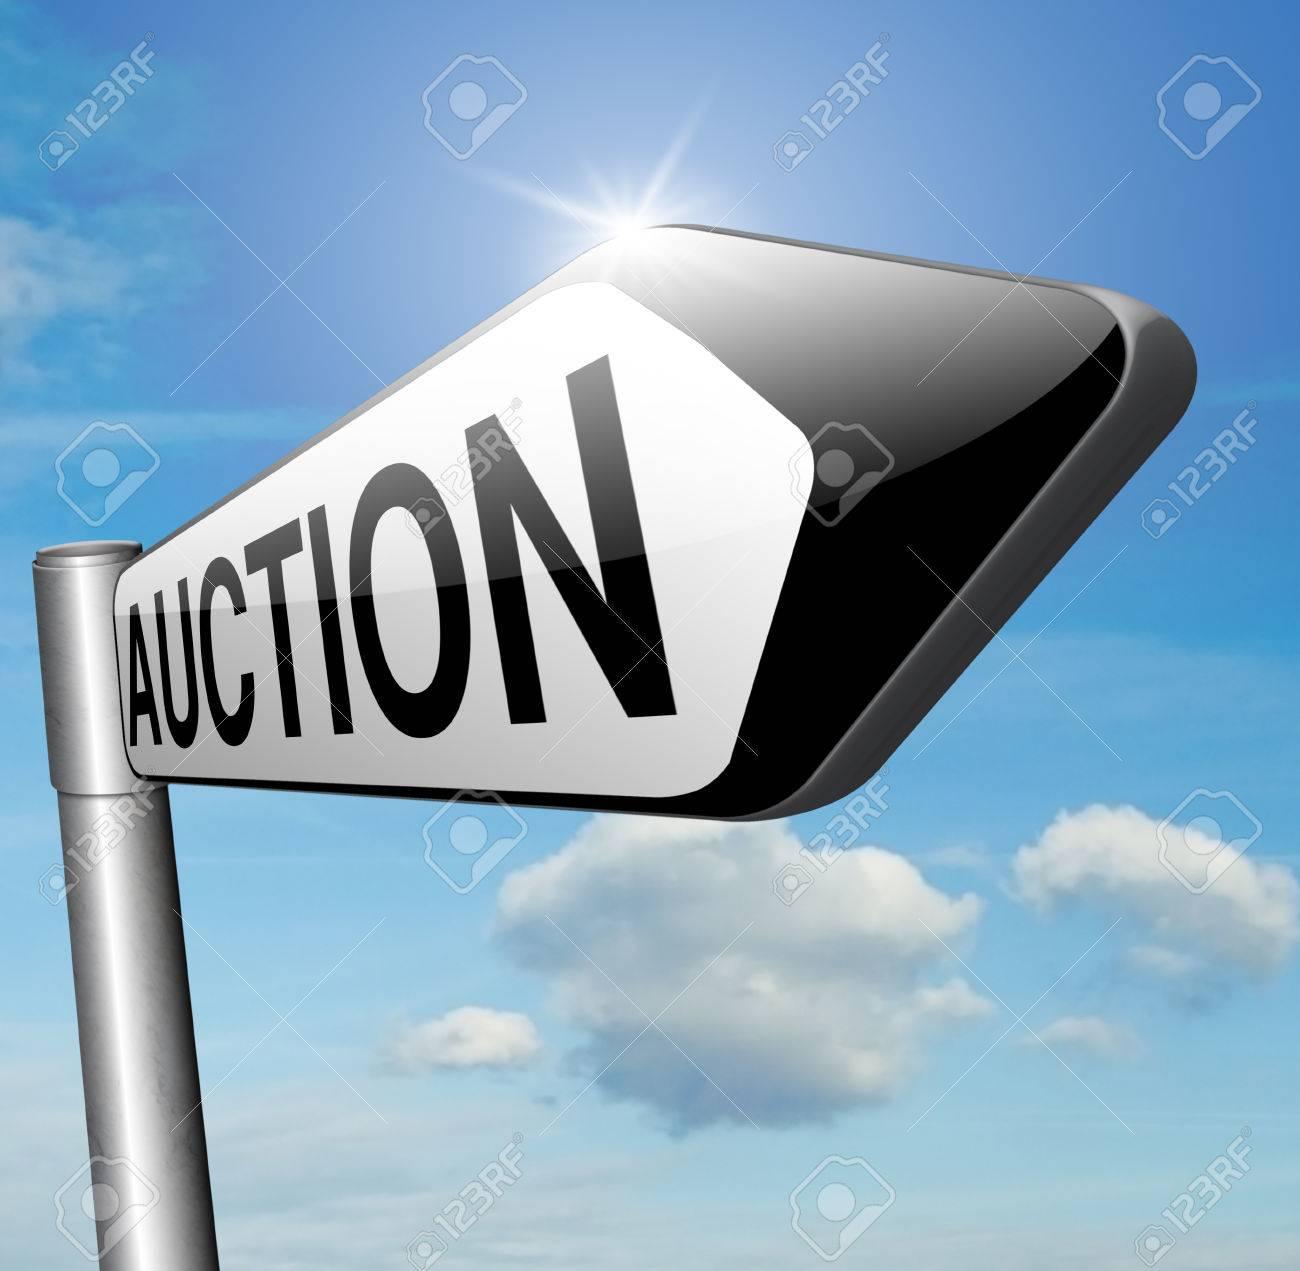 Banque d images - Vente aux enchères de maisons voitures et l immobilier. Enchères  en ligne panneau routier 0cfea2216821